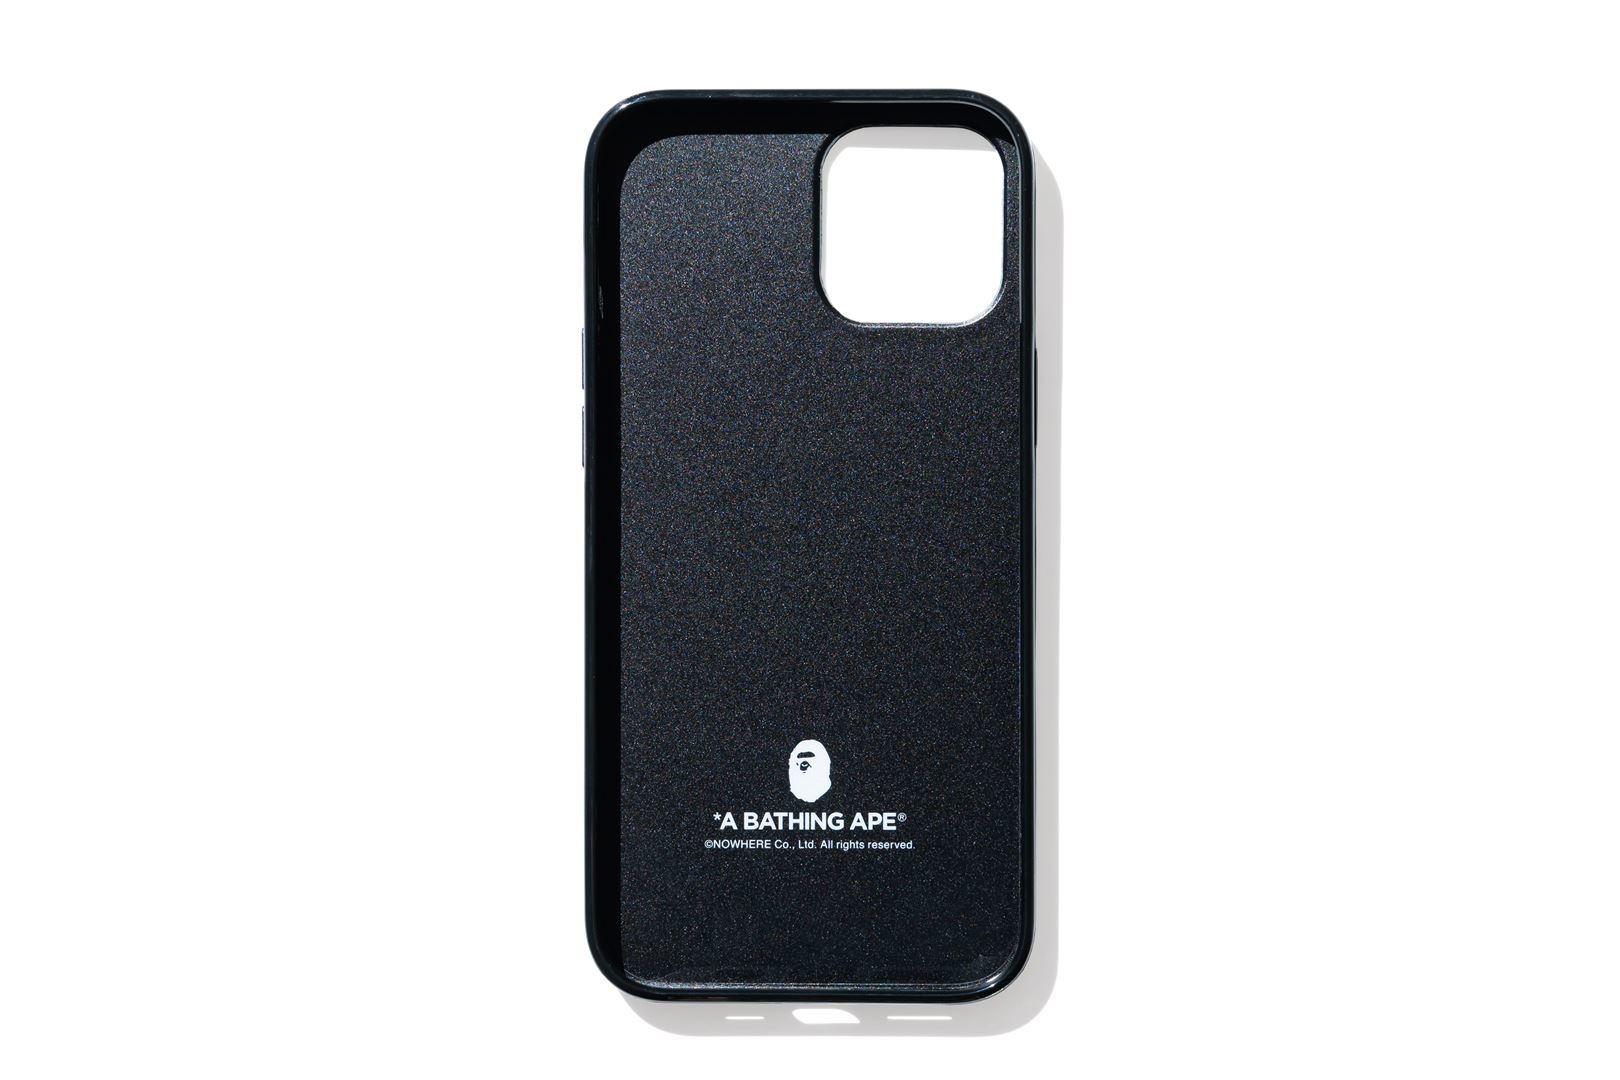 ABC CAMO iPhone 12 / 12 PRO / 12 PRO MAX / 12 MINI CASE_a0174495_12022920.jpg